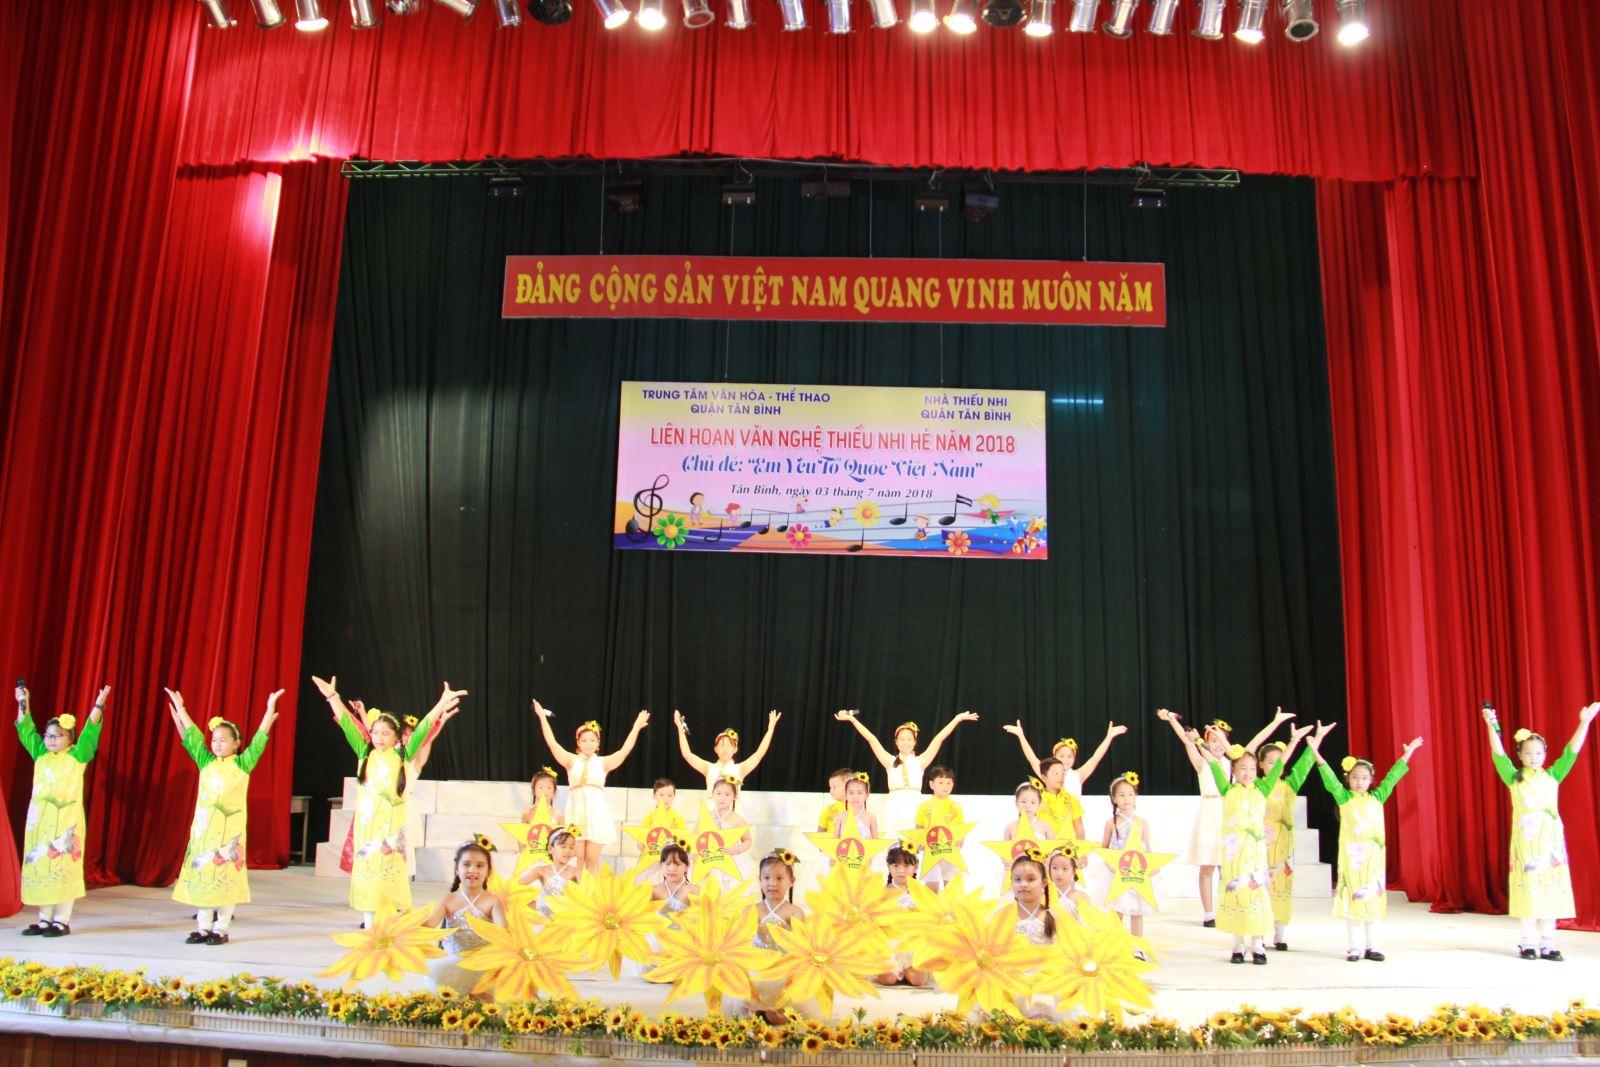 TT. VH - TT Q.Tân Bình: Liên hoan văn nghệ thiếu nhi hè quận Tân Bình năm 2018.